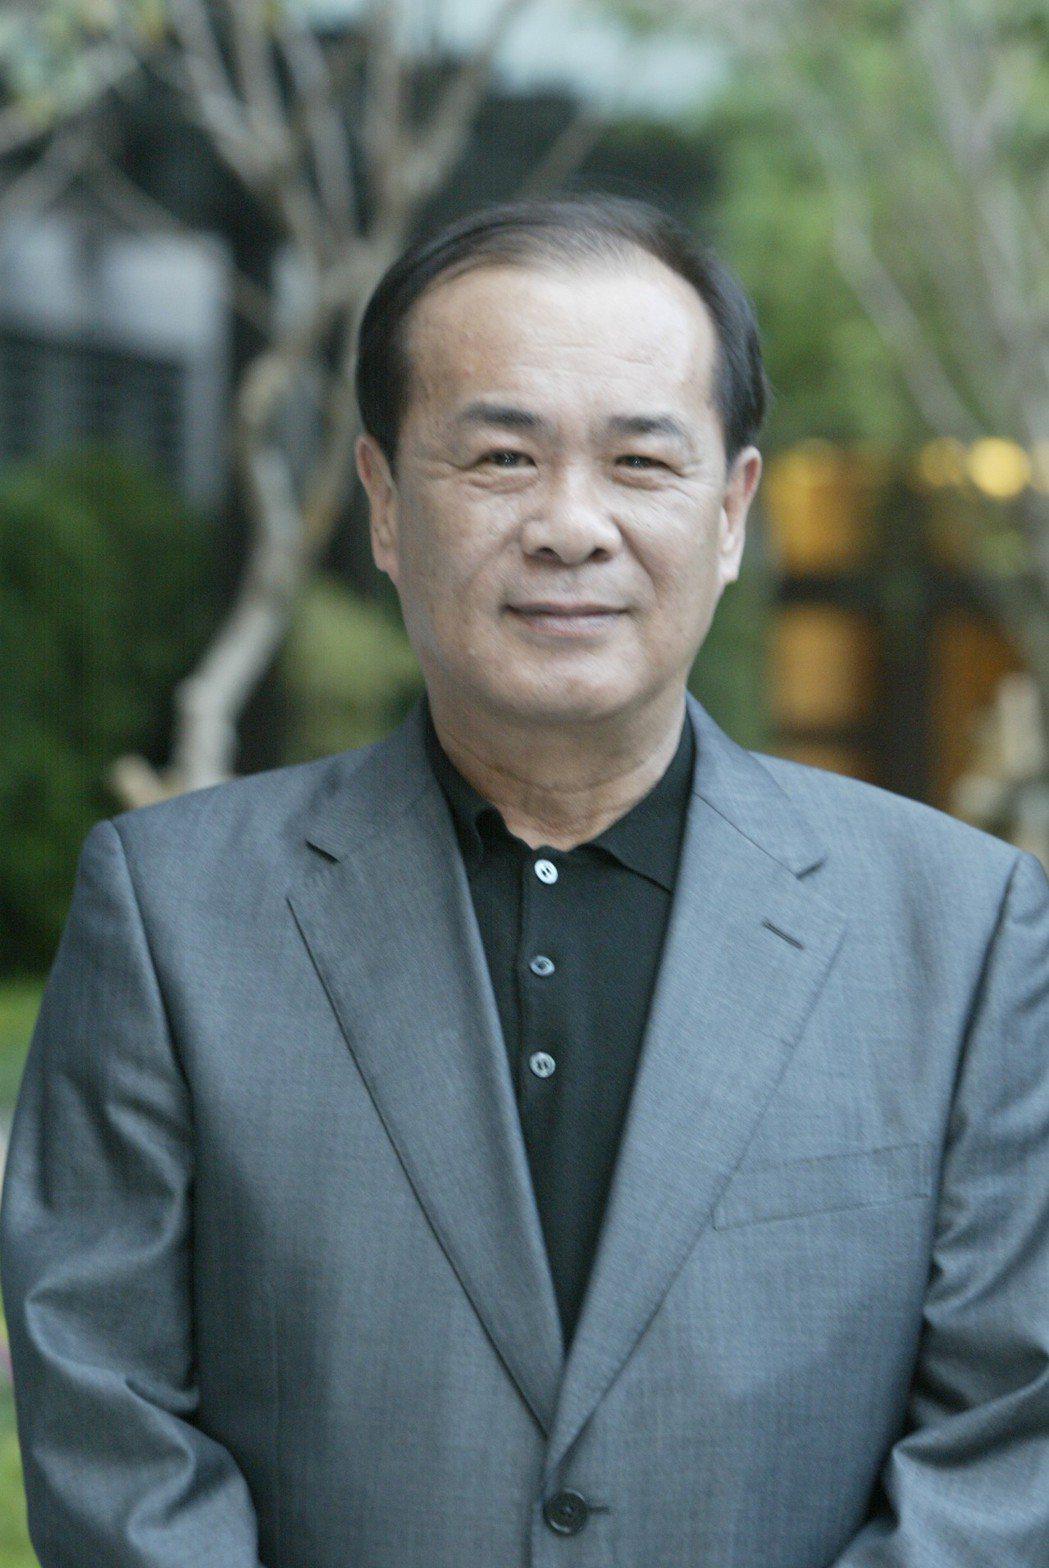 隆大營建董事長陳武聰對南高雄的發展信心滿滿。 攝影/張世雅